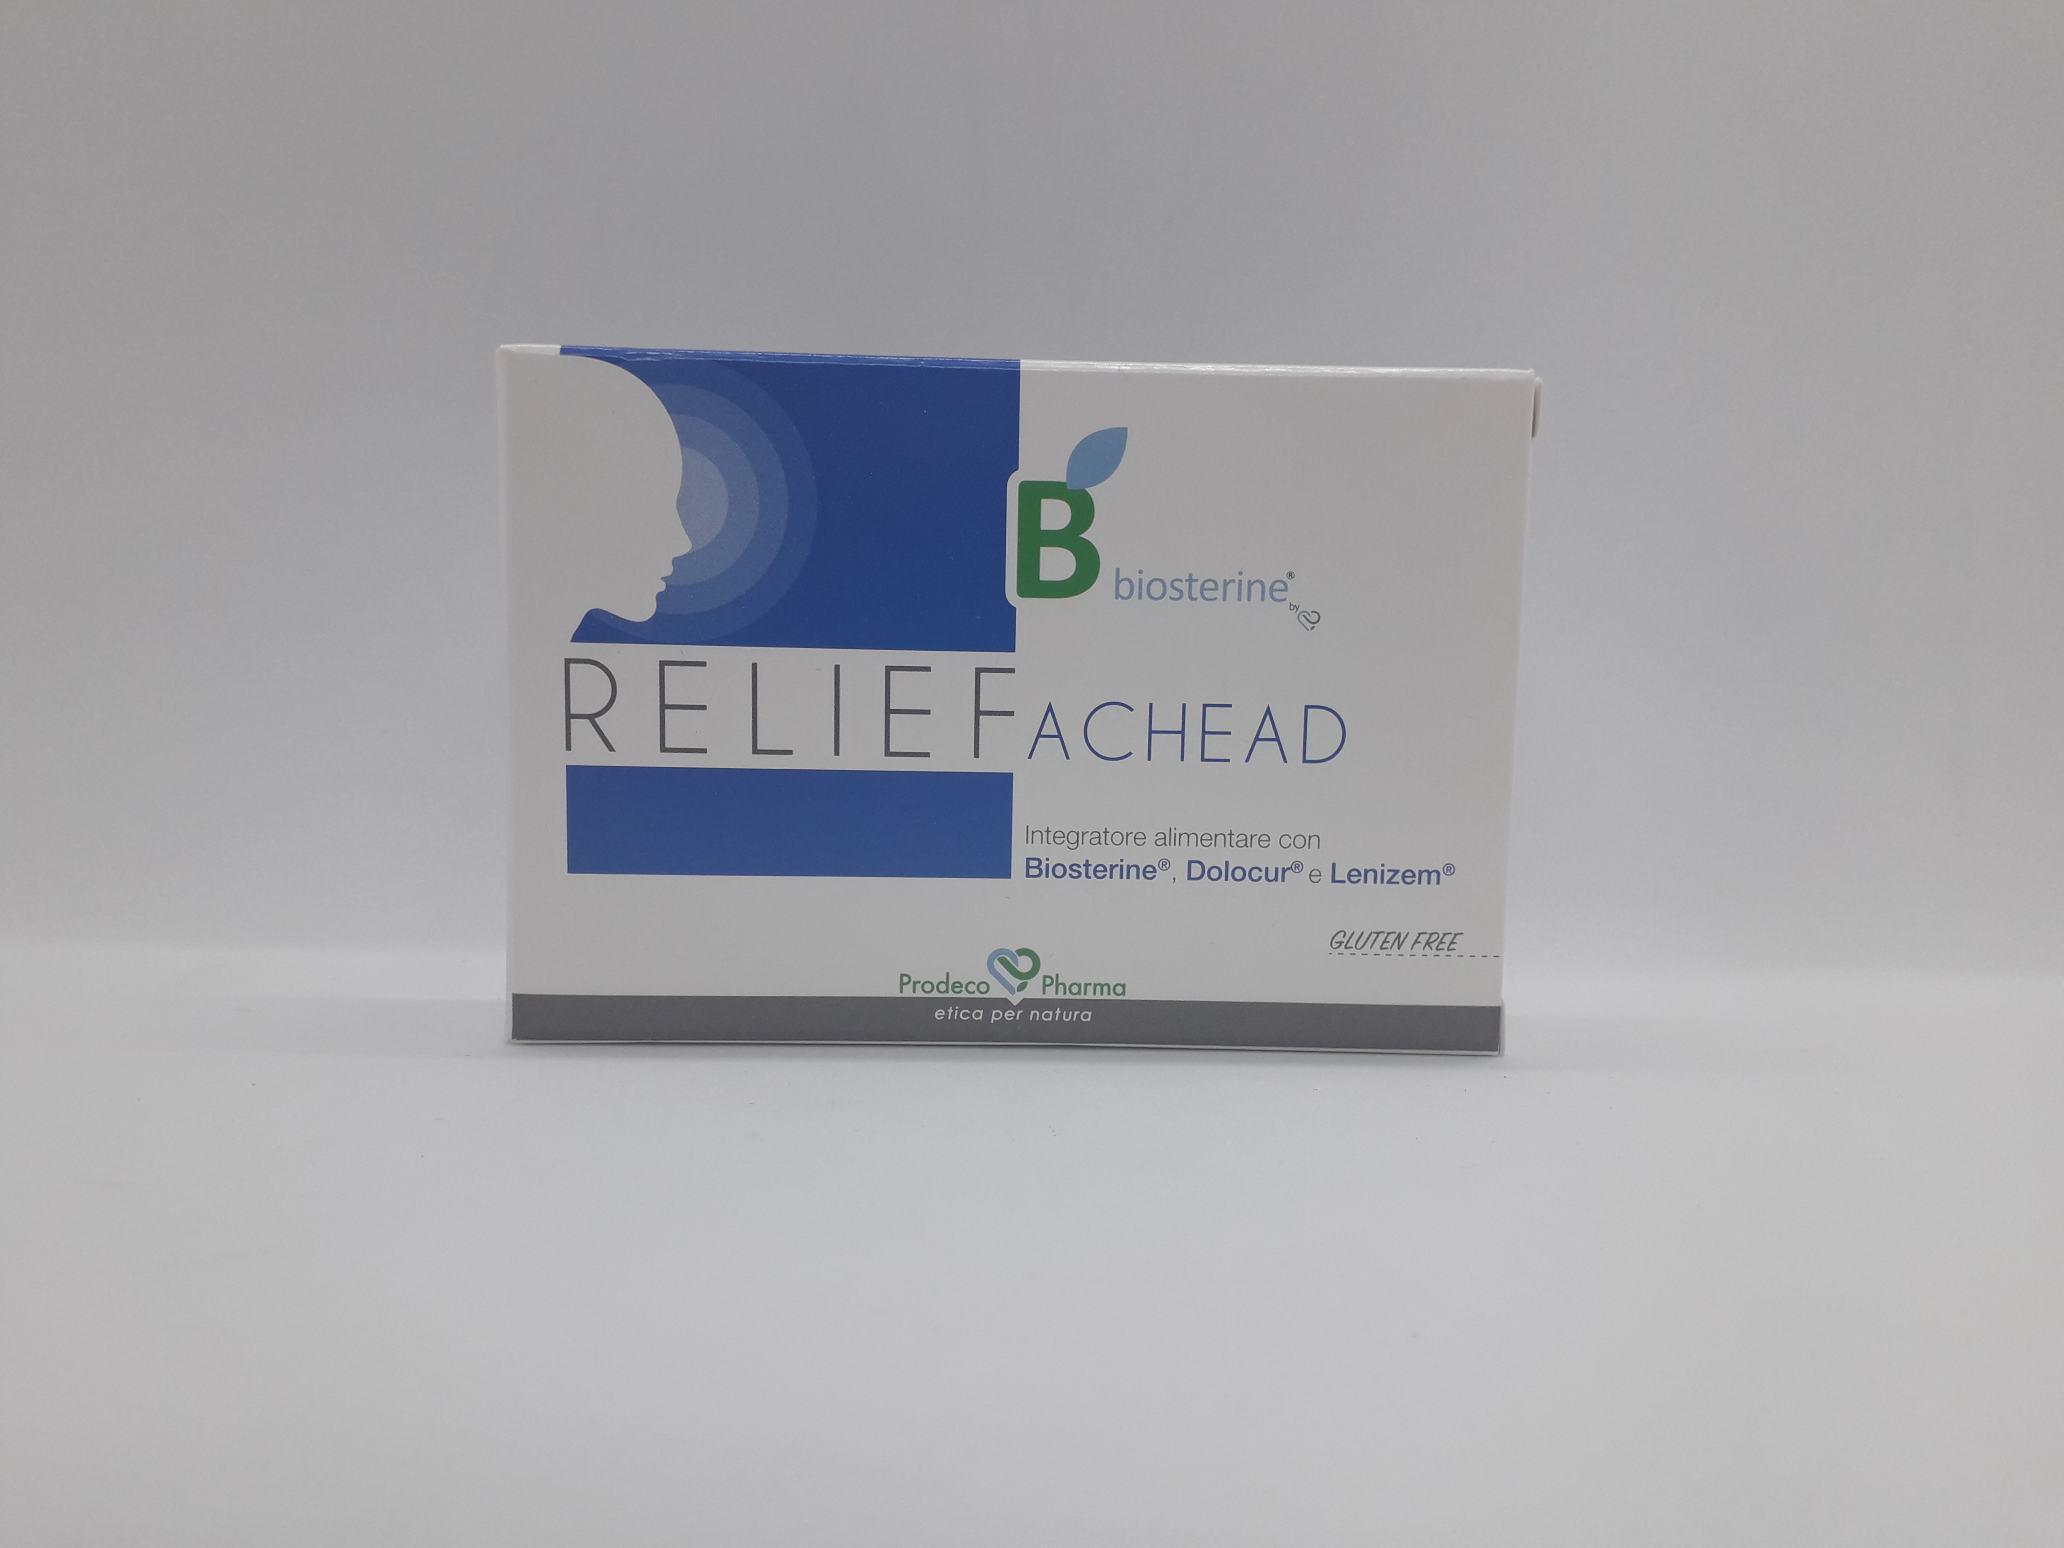 RELIEF BIOSTERINE ACHEAD 6 COMPRESSE - Farmaciaempatica.it